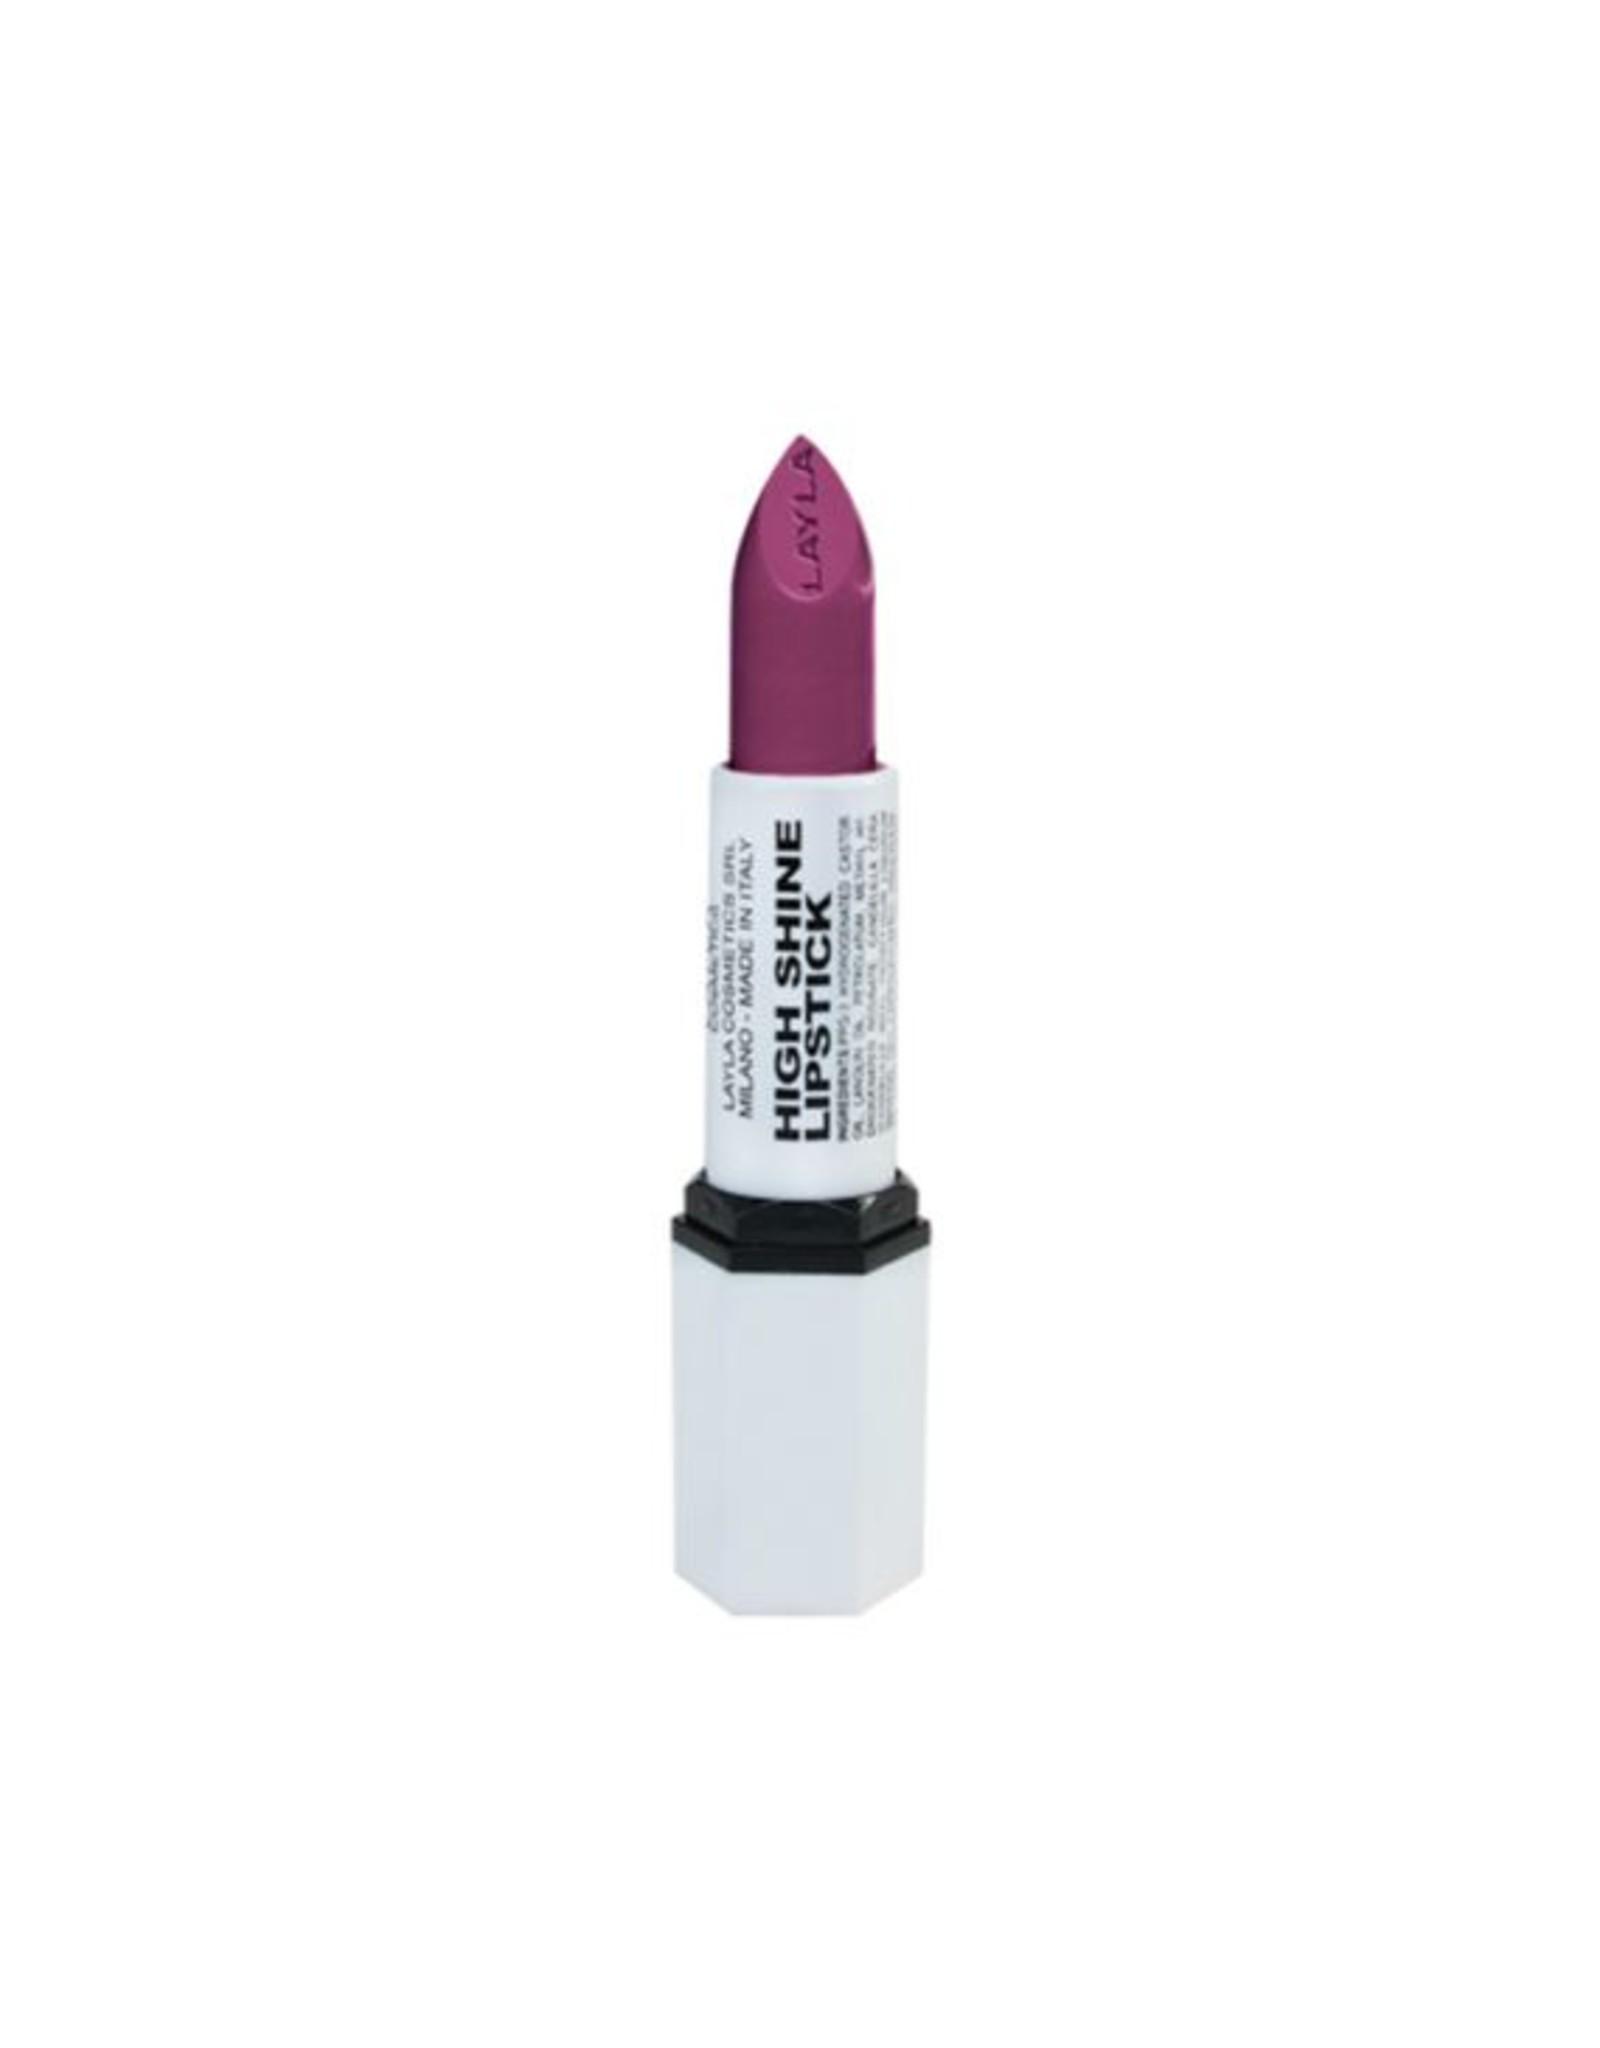 Layla Cosmetics High Shine Lipstick 40 - Layla Cosmetics